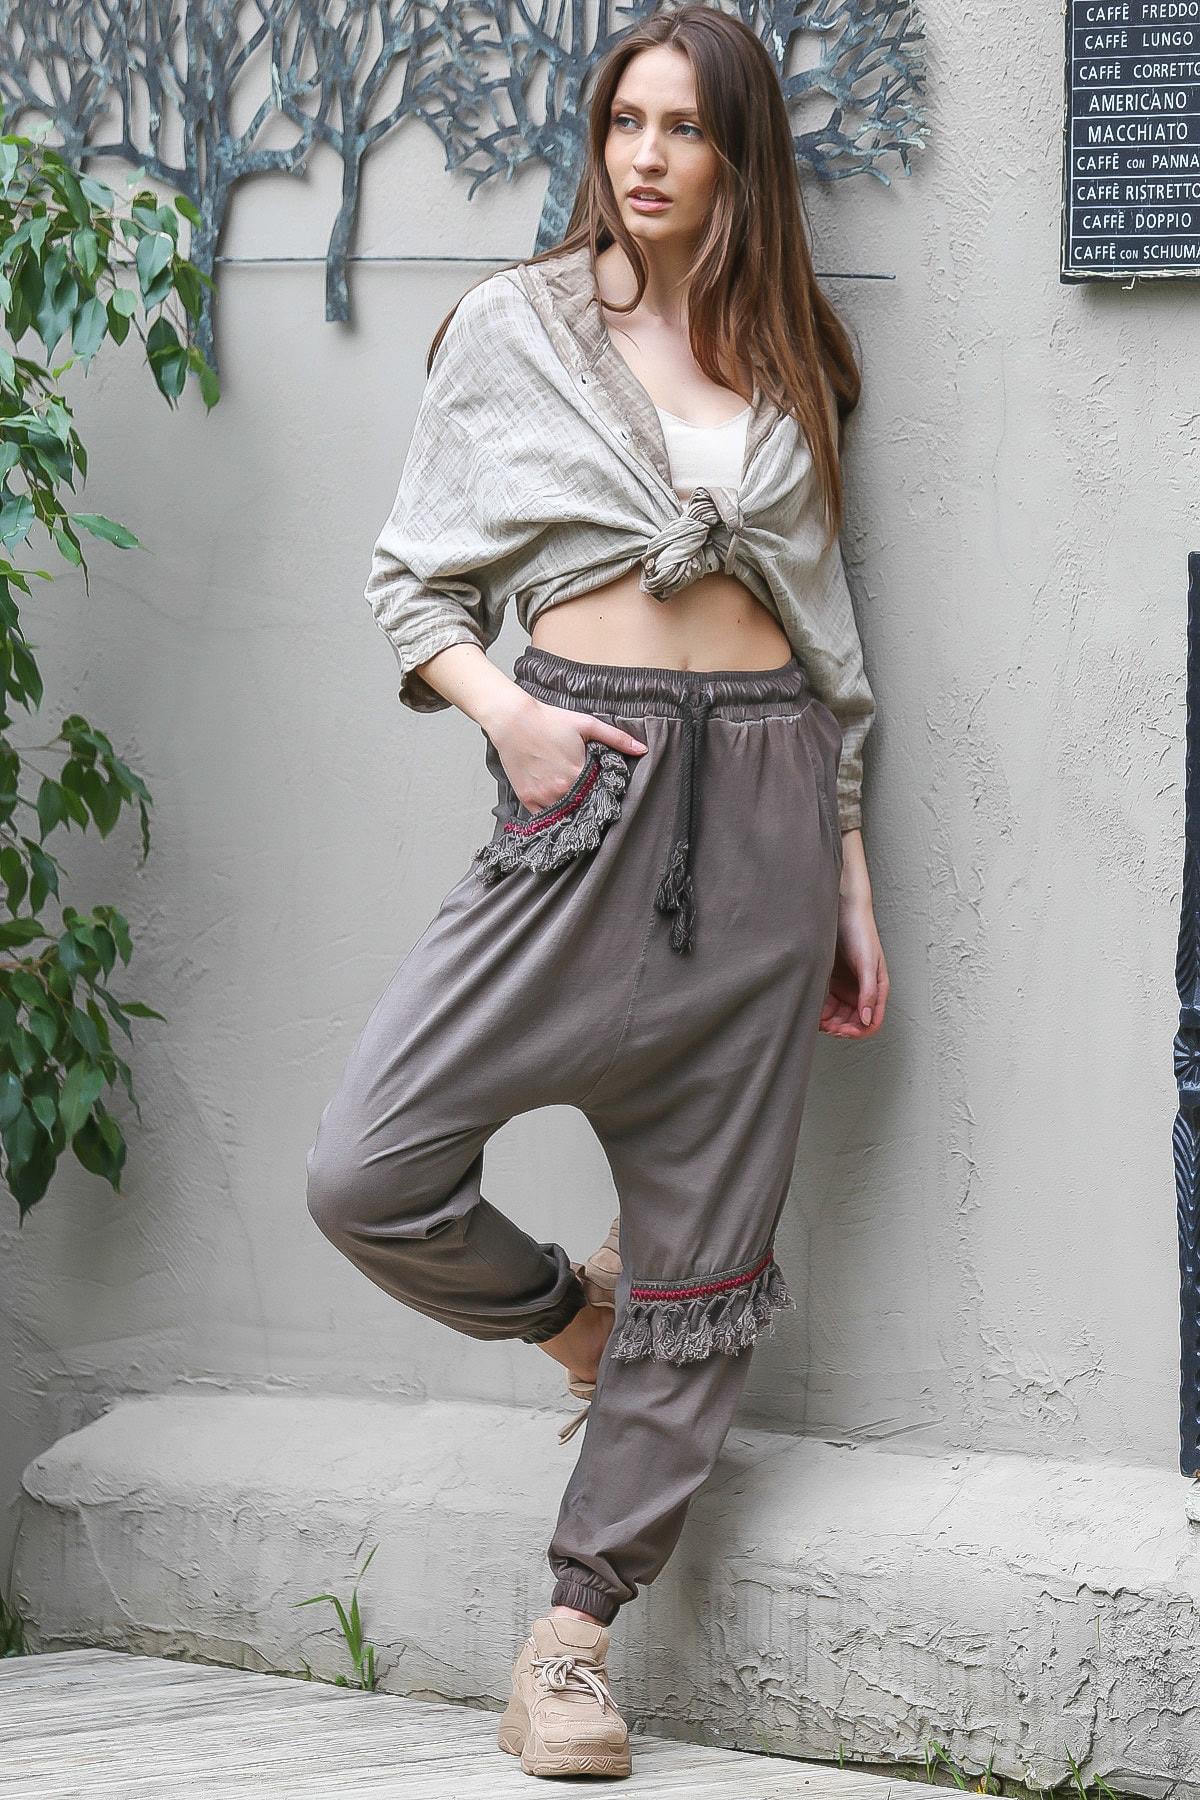 Chiccy Kadın Vizon Cebi Ve Diz Altı Püskül Detaylı Lastikli Yıkamalı Şalvar Pantolon M10060000PN98856